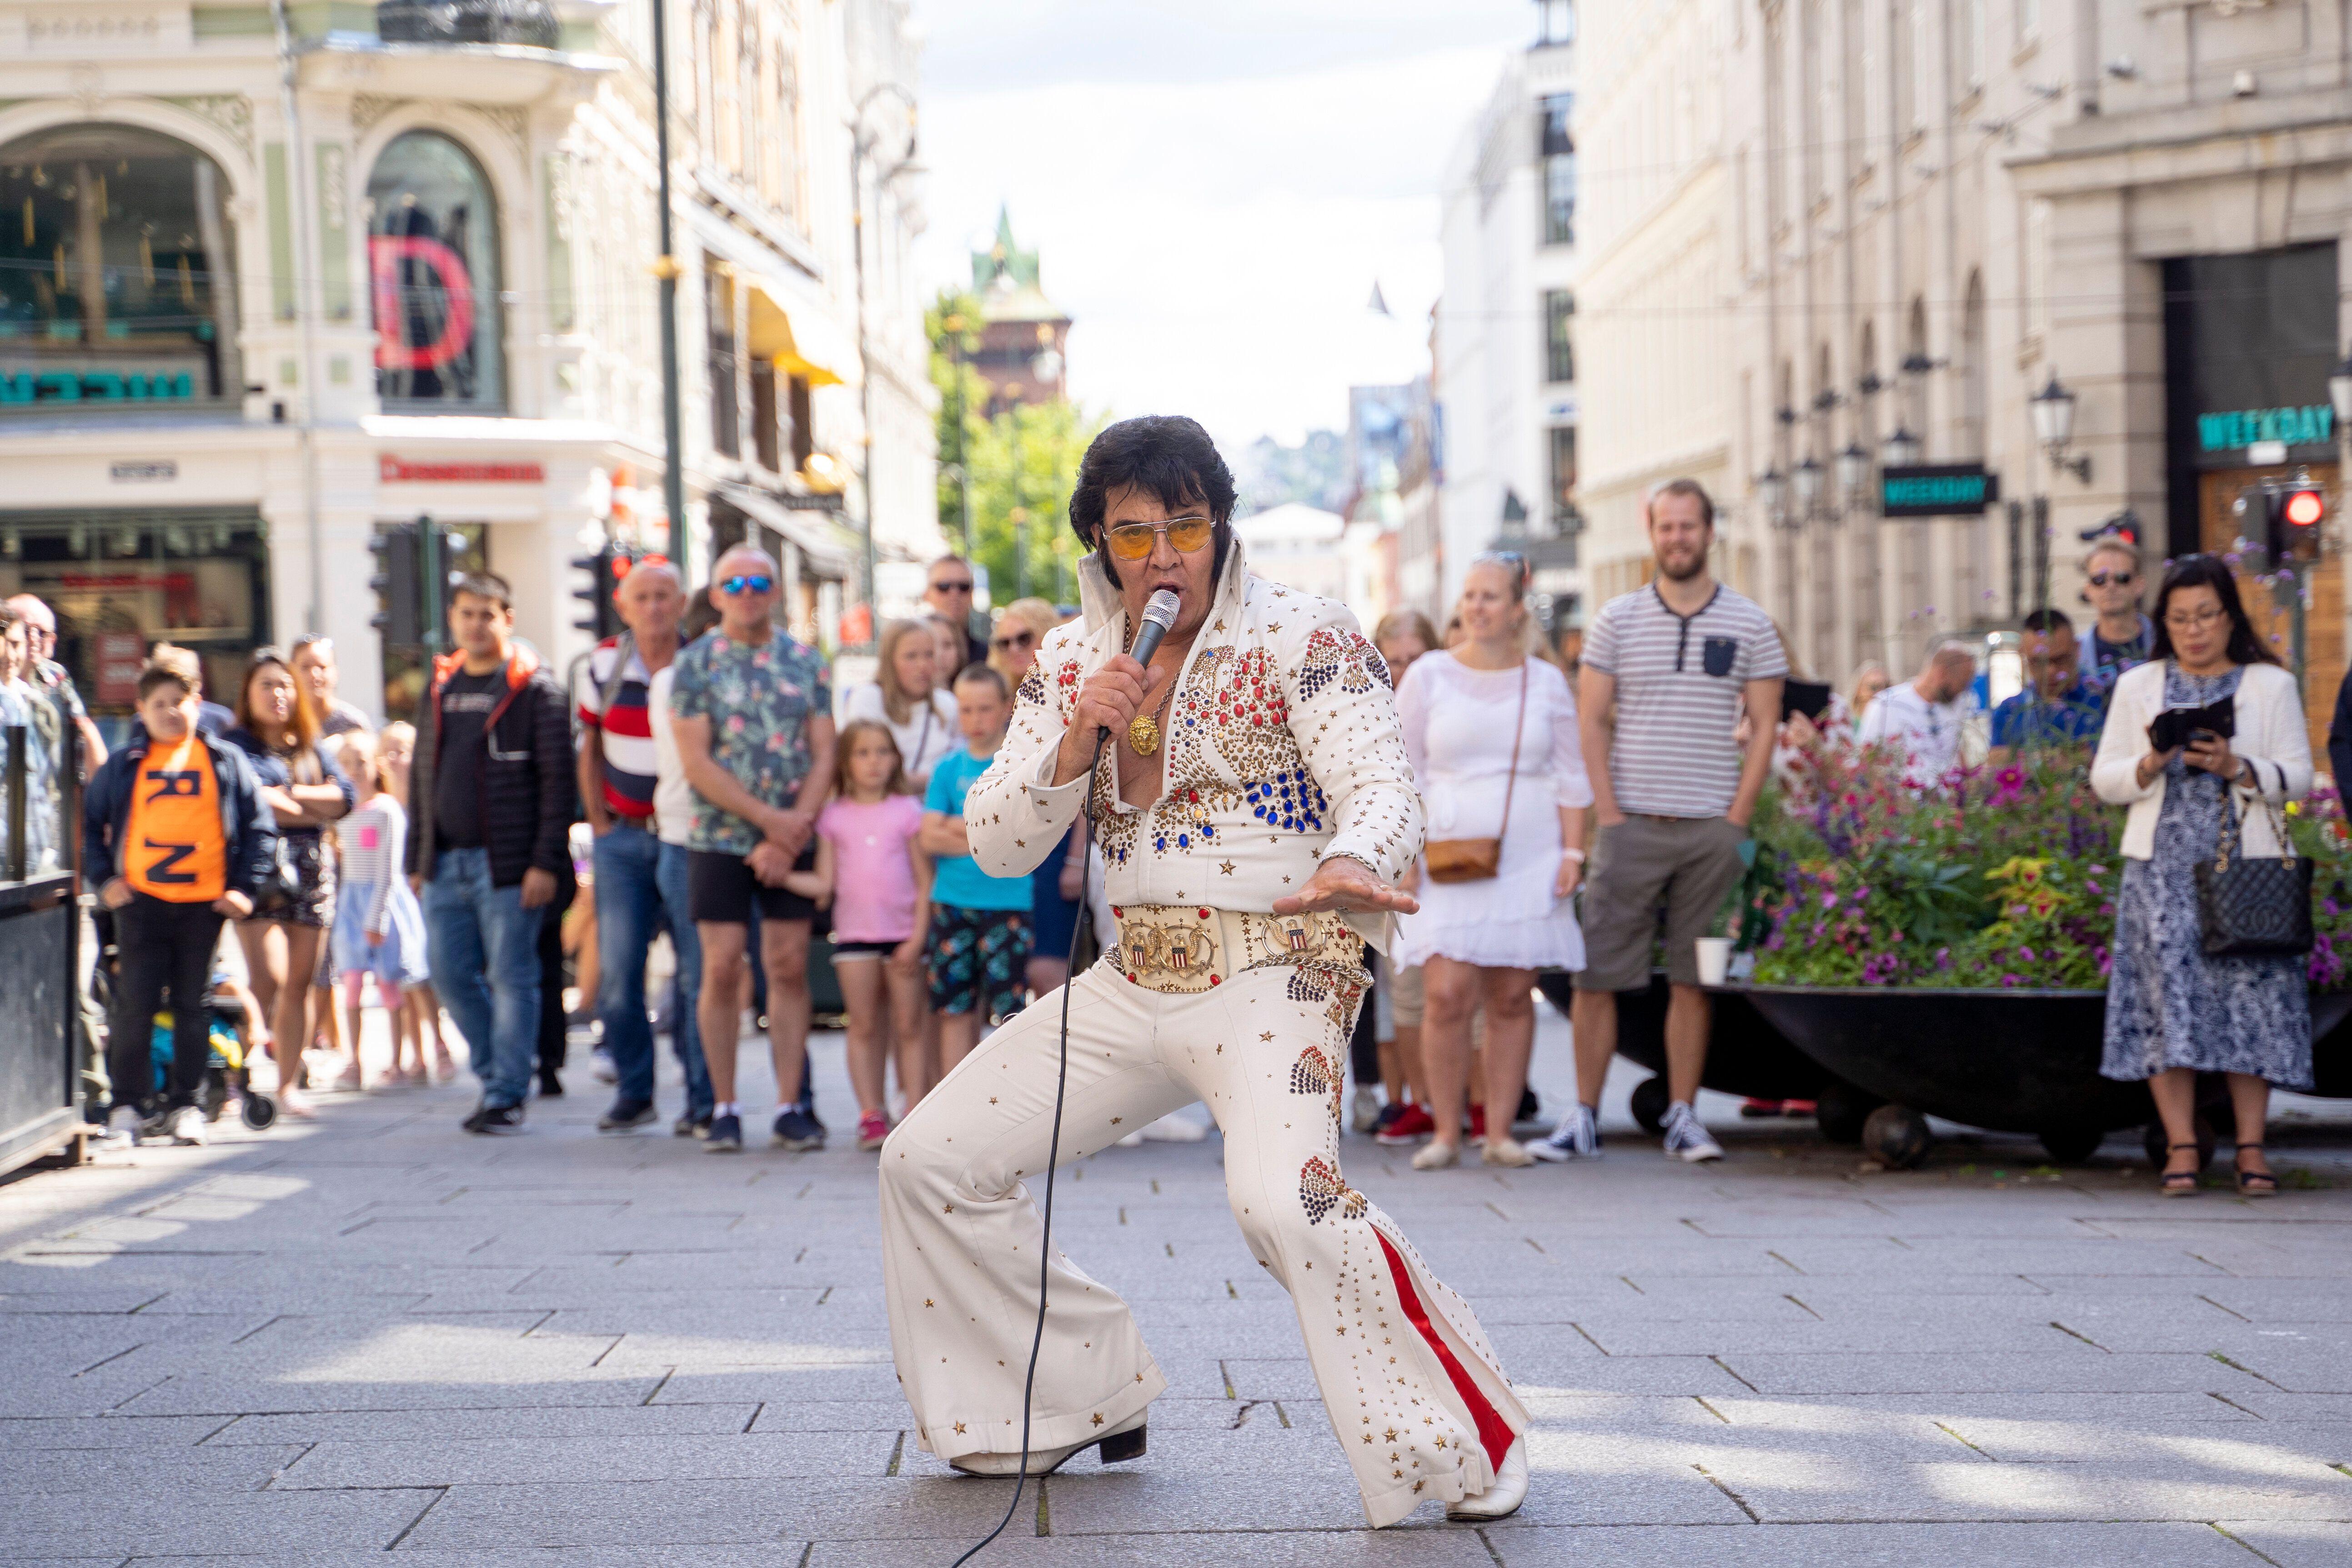 L'artiste norvégien Kjell Elvis, ici se produisant dans le centre d'Oslo pour tenter de battre...